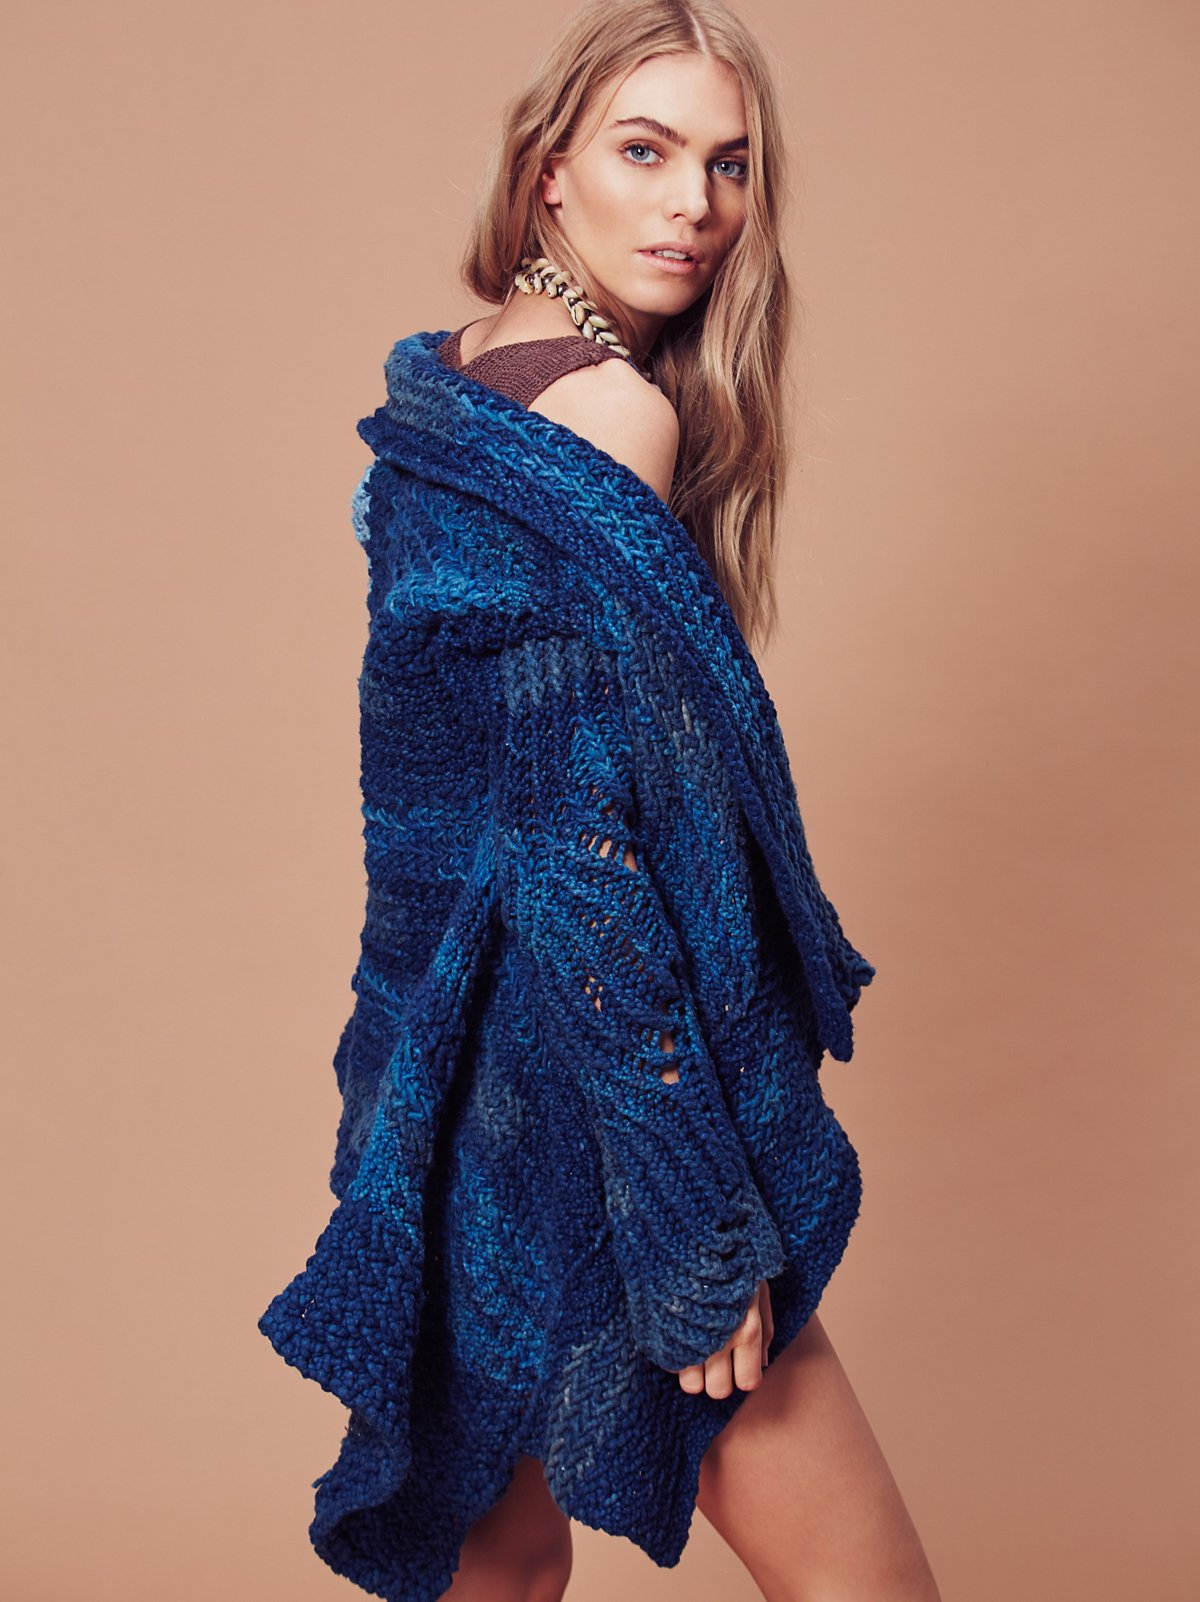 海水蓝夹克